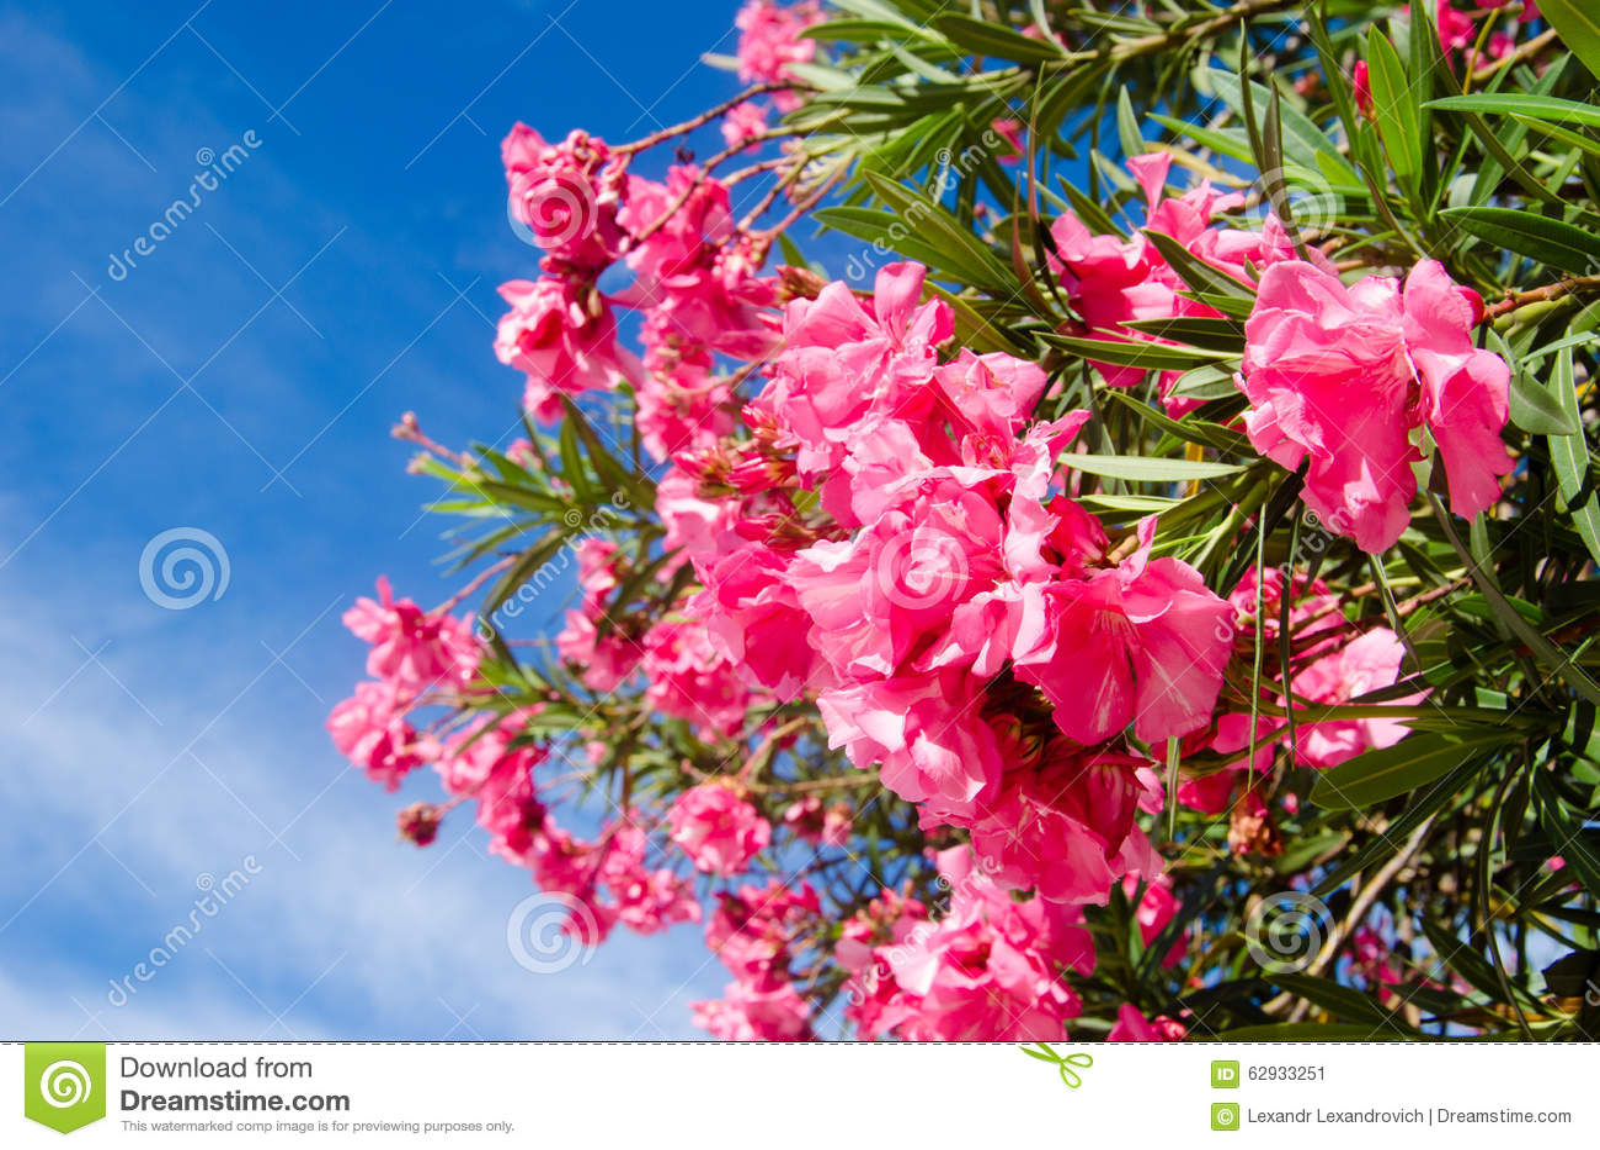 groupe de fleurs roses sur l 39 arbre chez les maldives photo stock image 62933251. Black Bedroom Furniture Sets. Home Design Ideas